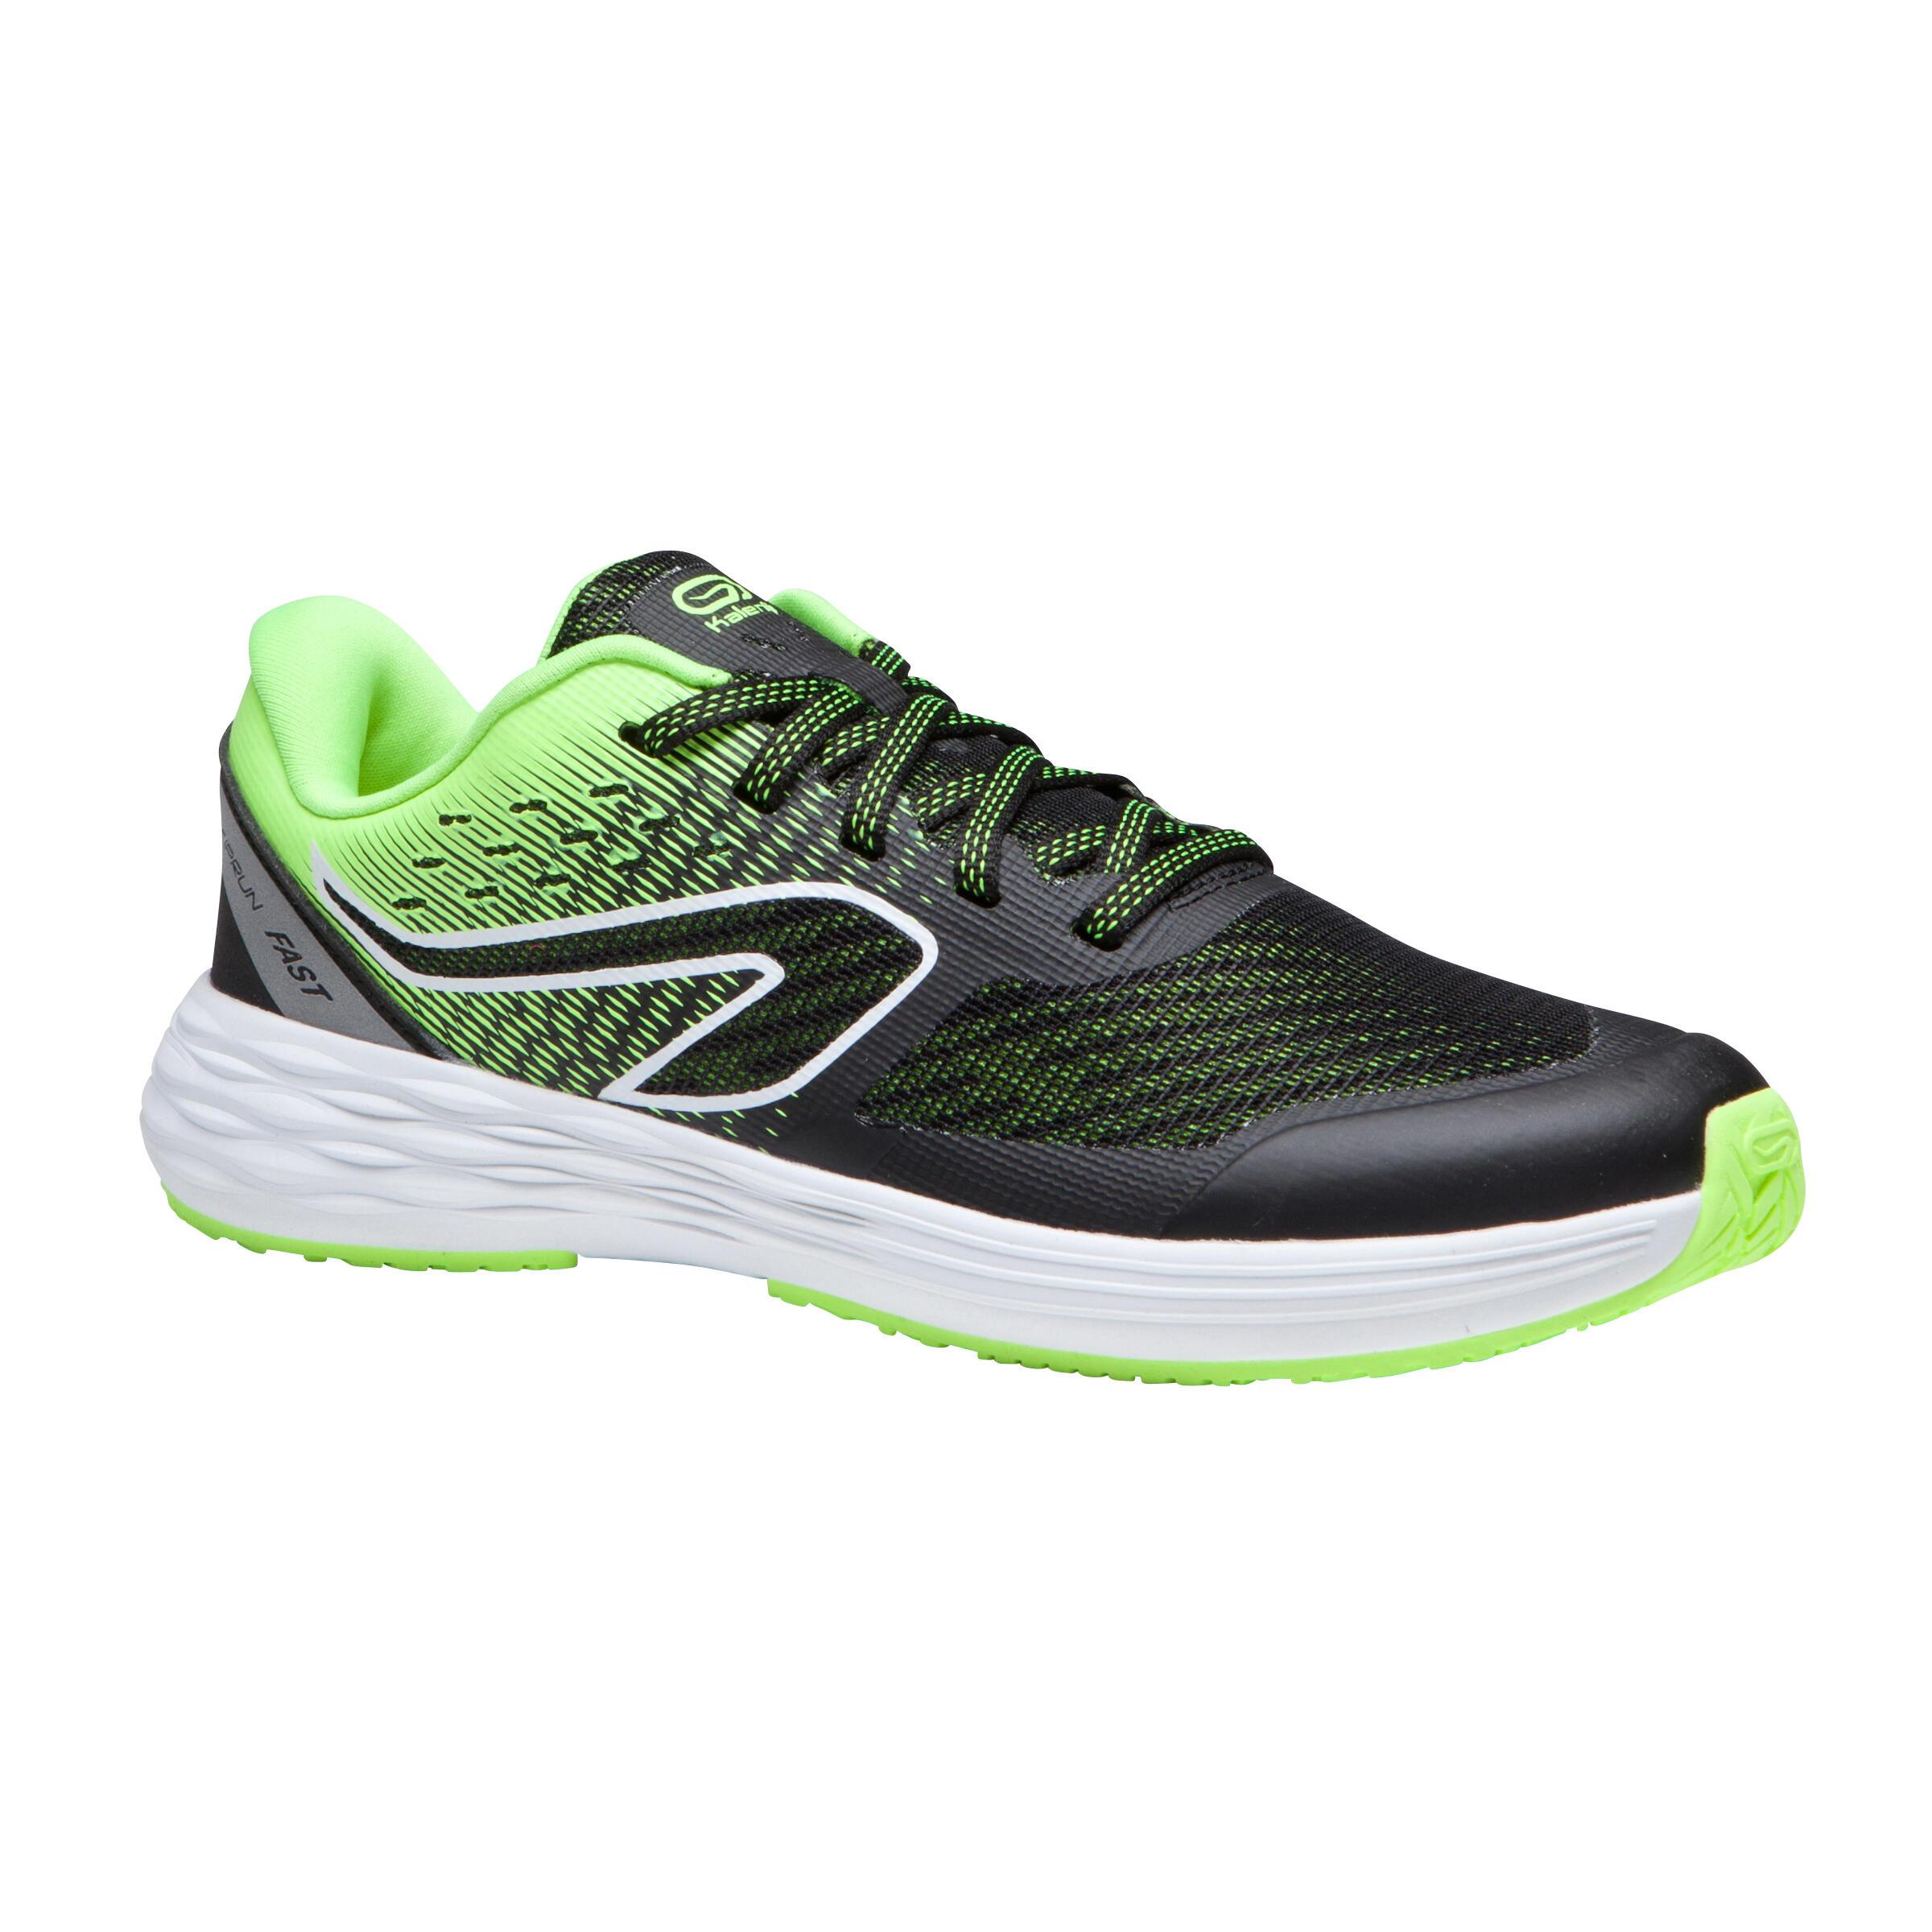 Jungen,Kinder,Kinder Laufschuhe Kiprun Fast Leichtathletik Kinder schwarz grün | 03608429785644